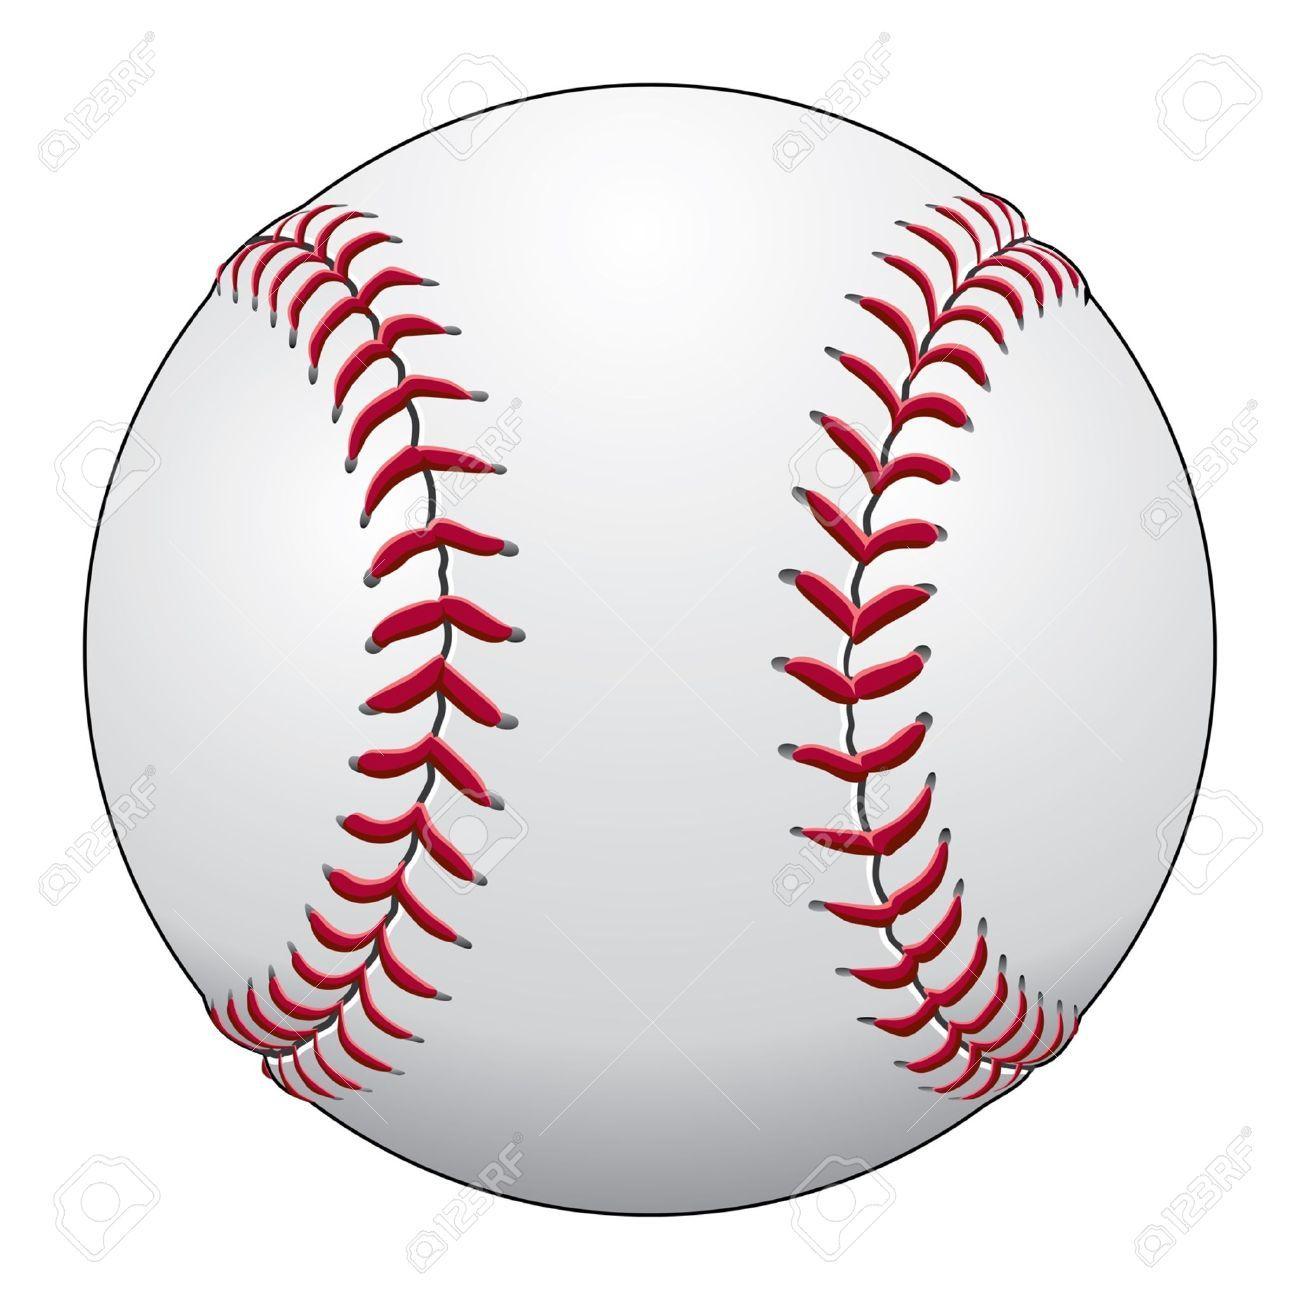 El Beisbol Es Una Ilustracion De Una Pelota De Beisbol En Cuero Blanco Con Puntos Rojos Pelota De Beisbol Guantes De Beisbol Beisbol